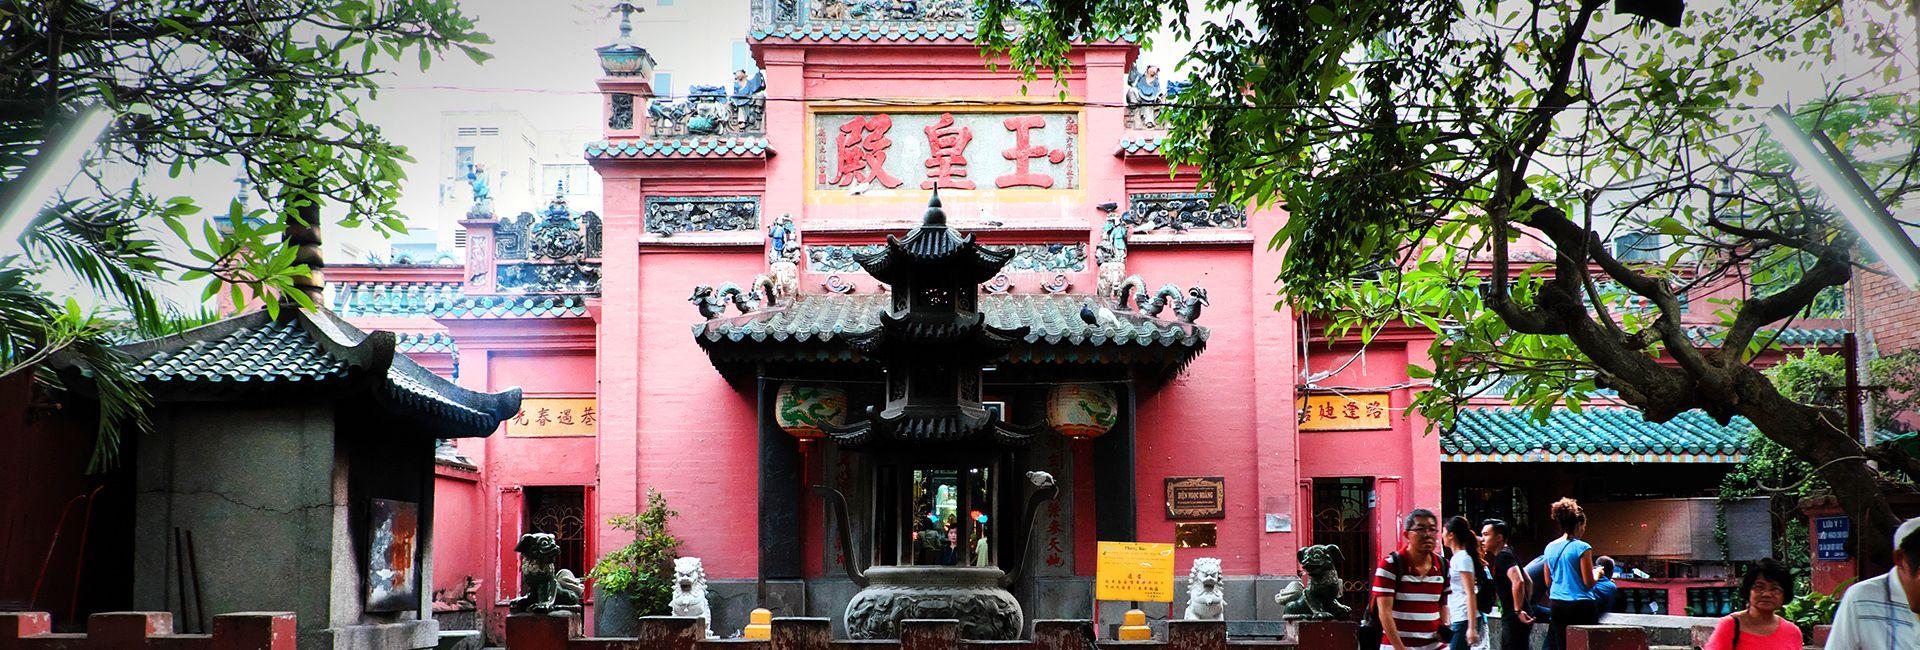 Khám phá Chùa Ngọc Hoàng - Chốn bồng lai tiên cảnh giữa lòng Sài Gòn